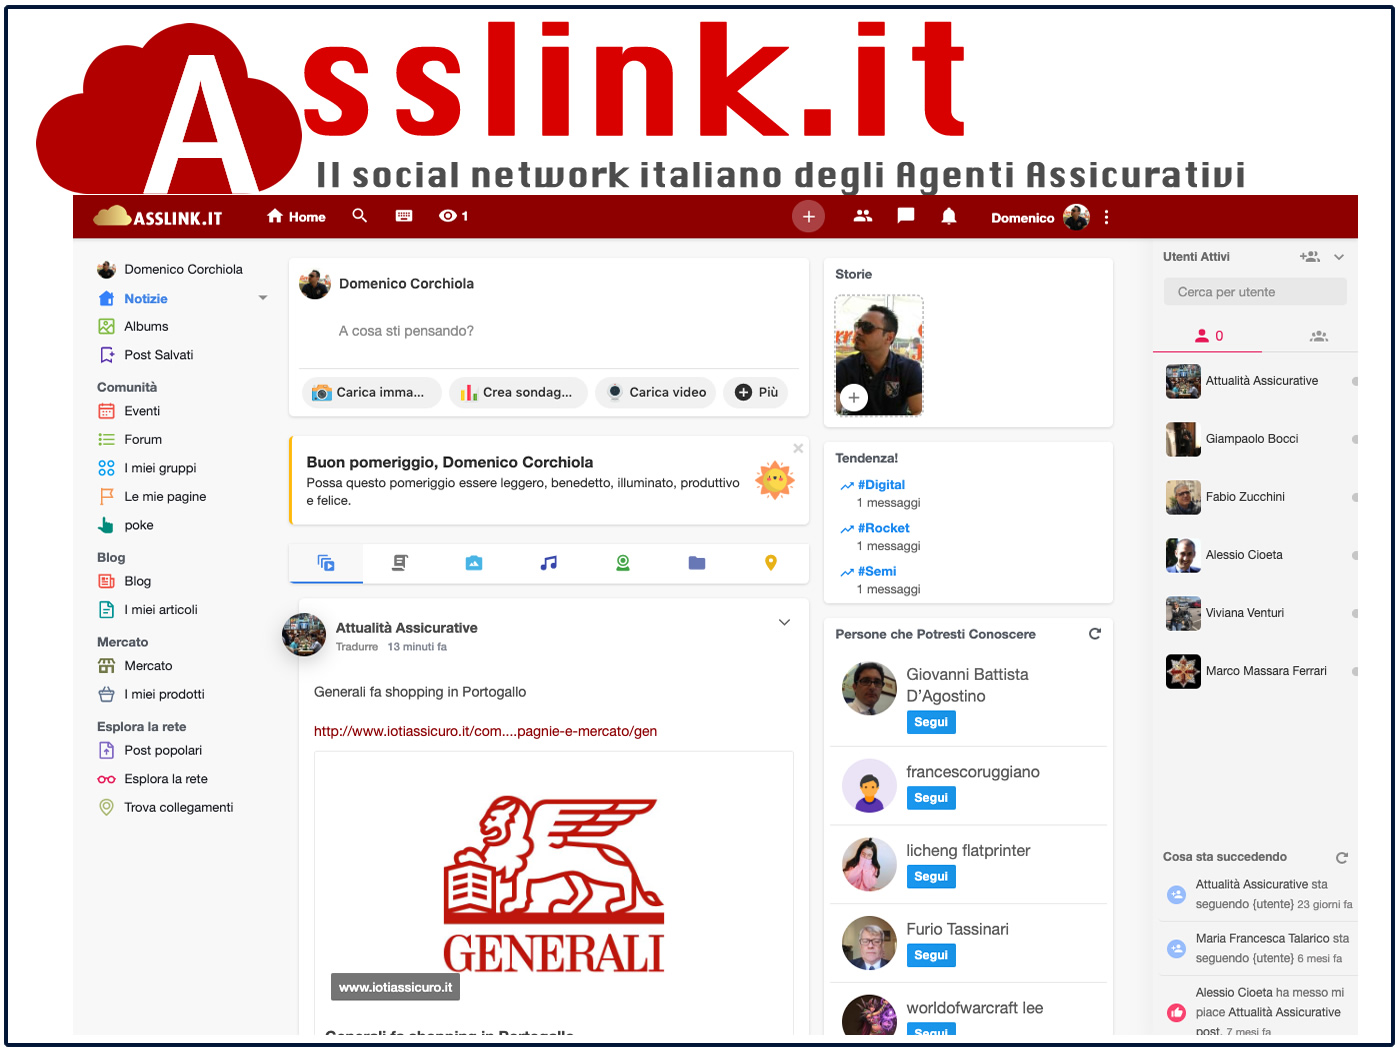 Ingegnere informatico asslink il social network per gli agenti assicurativi